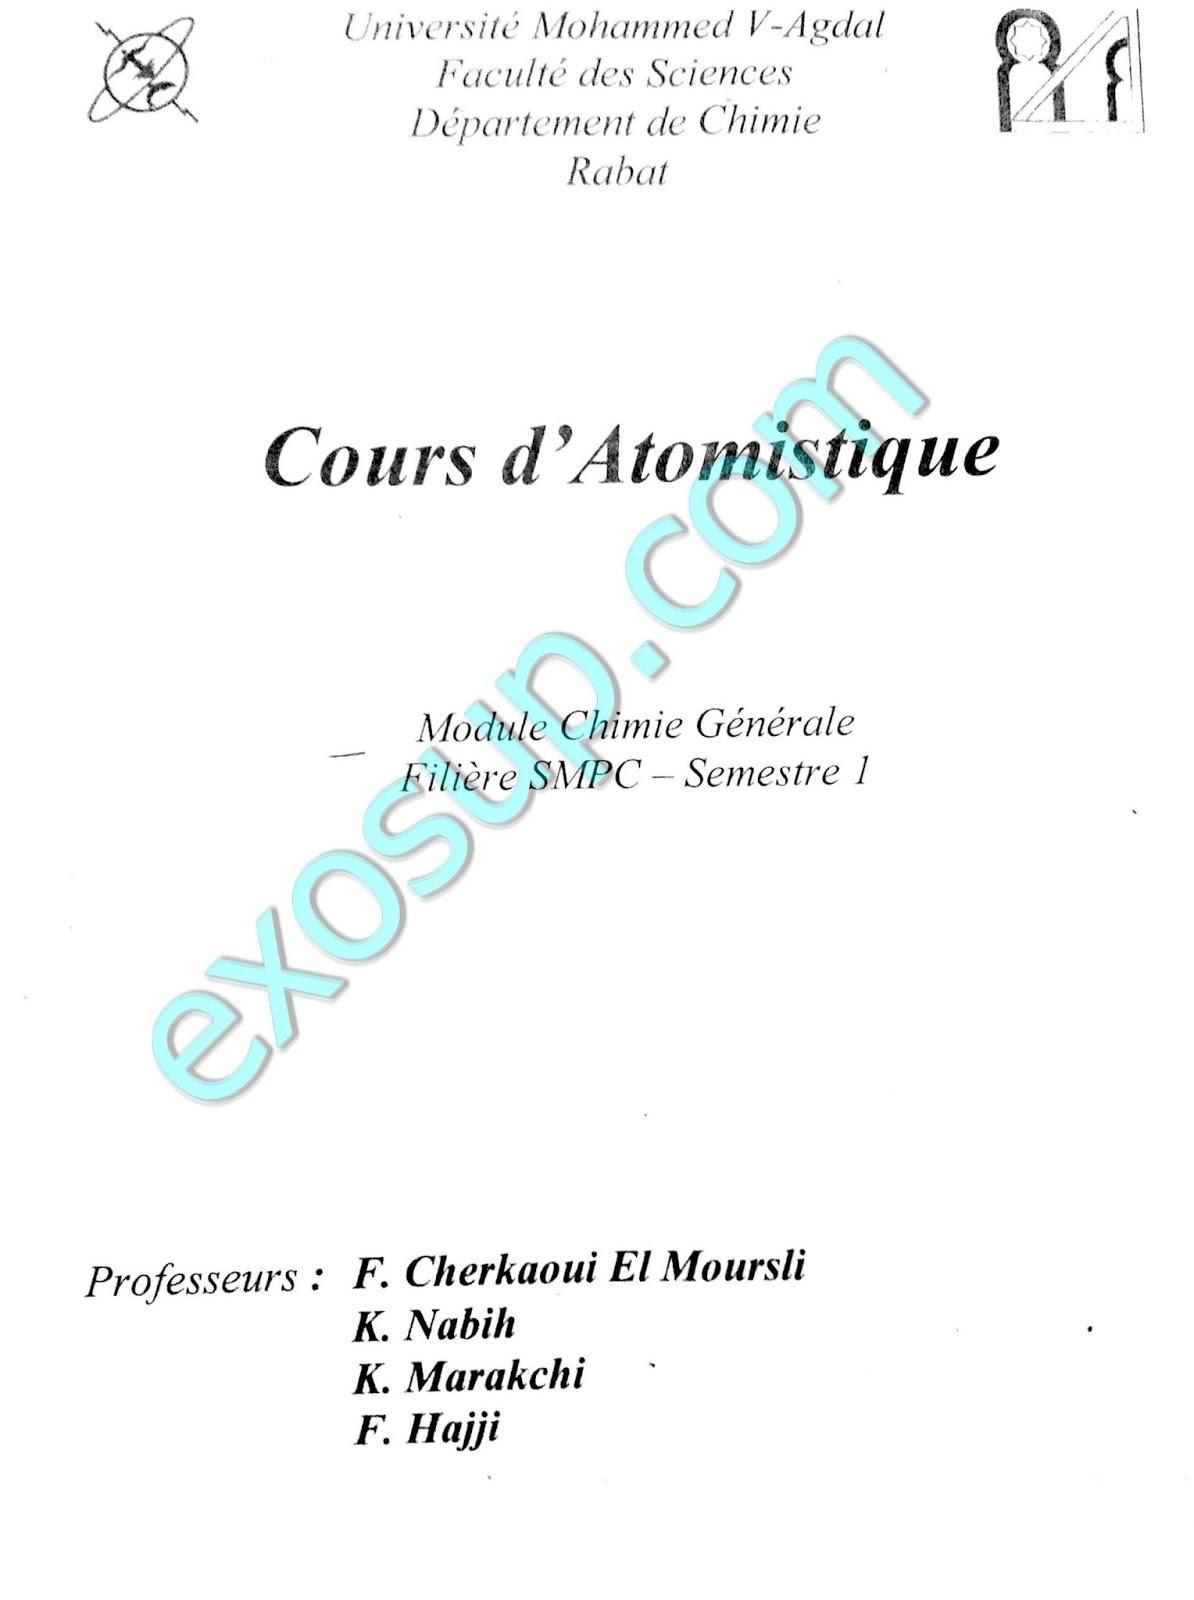 COURS DATOMISTIQUE S1 SMPC PDF DOWNLOAD